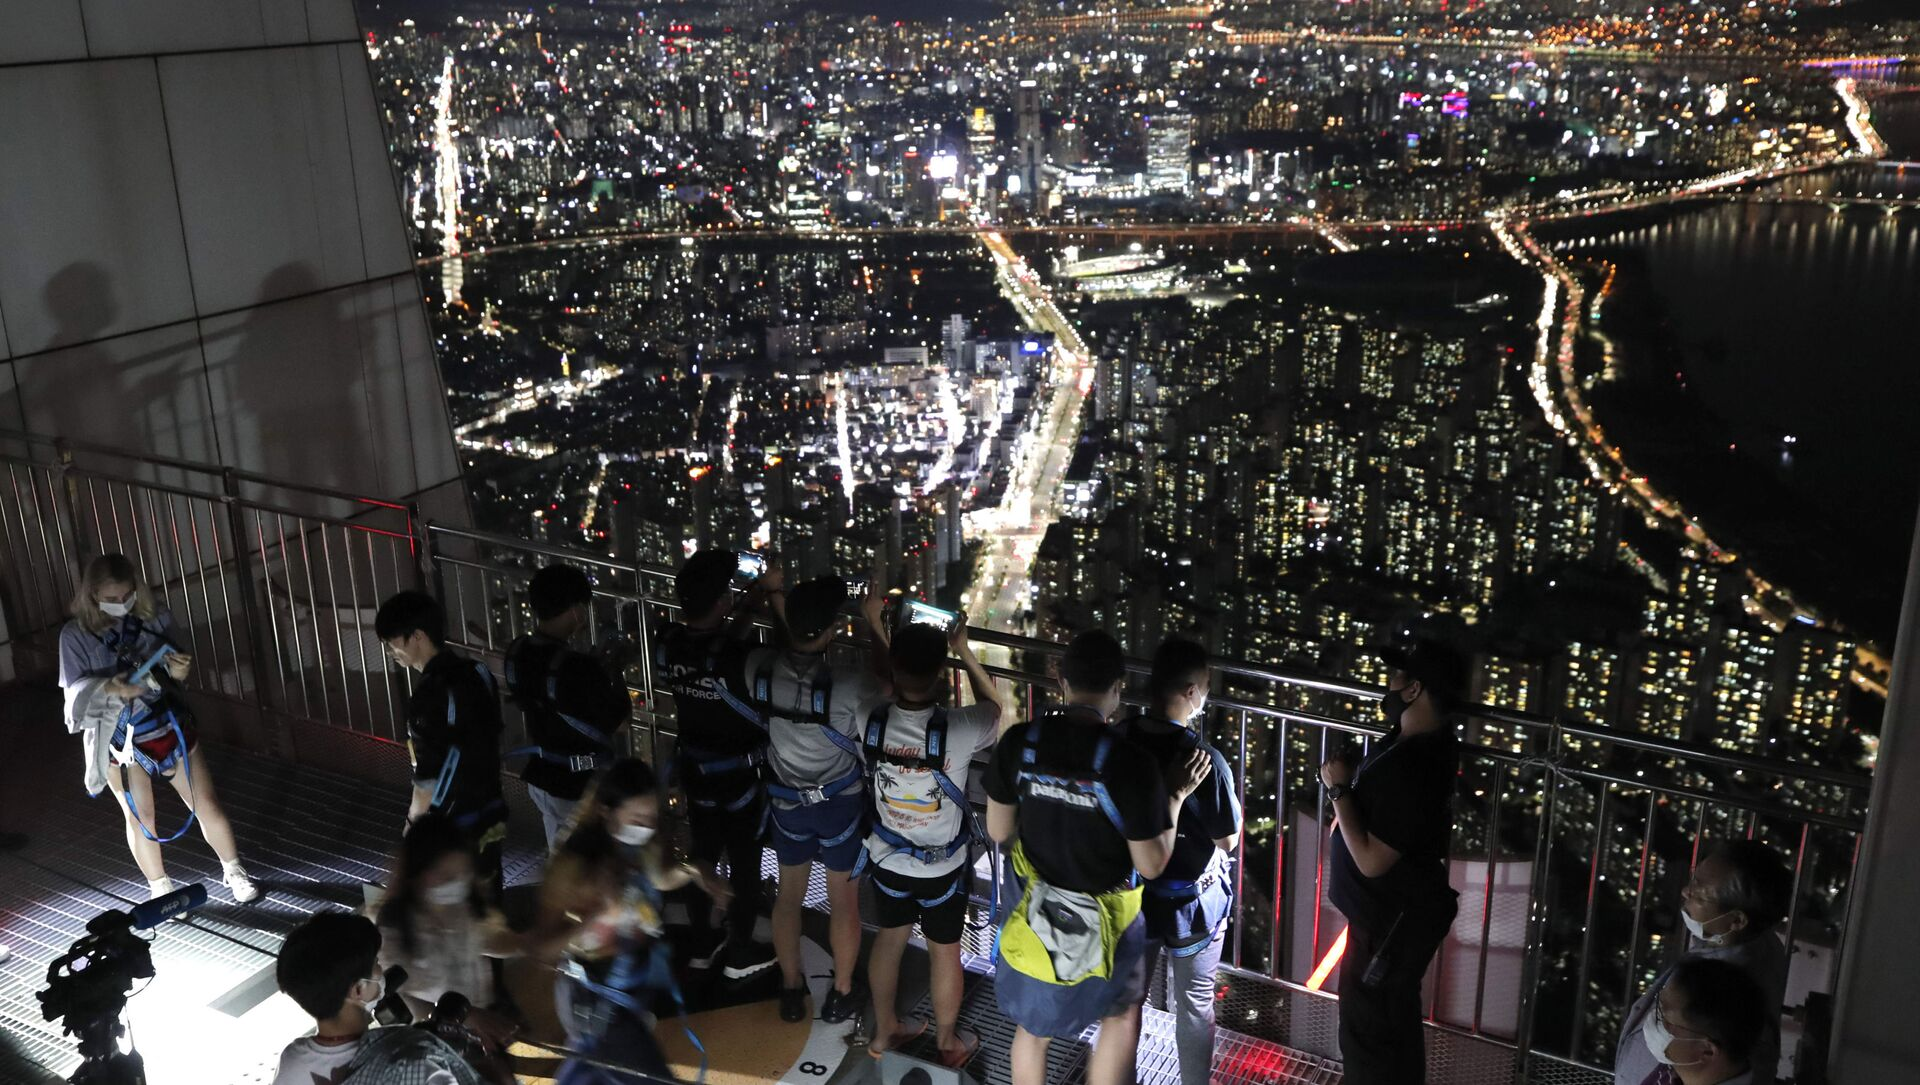 Güney Kore- Seul- Gece hayatı - Sputnik Türkiye, 1920, 19.05.2021